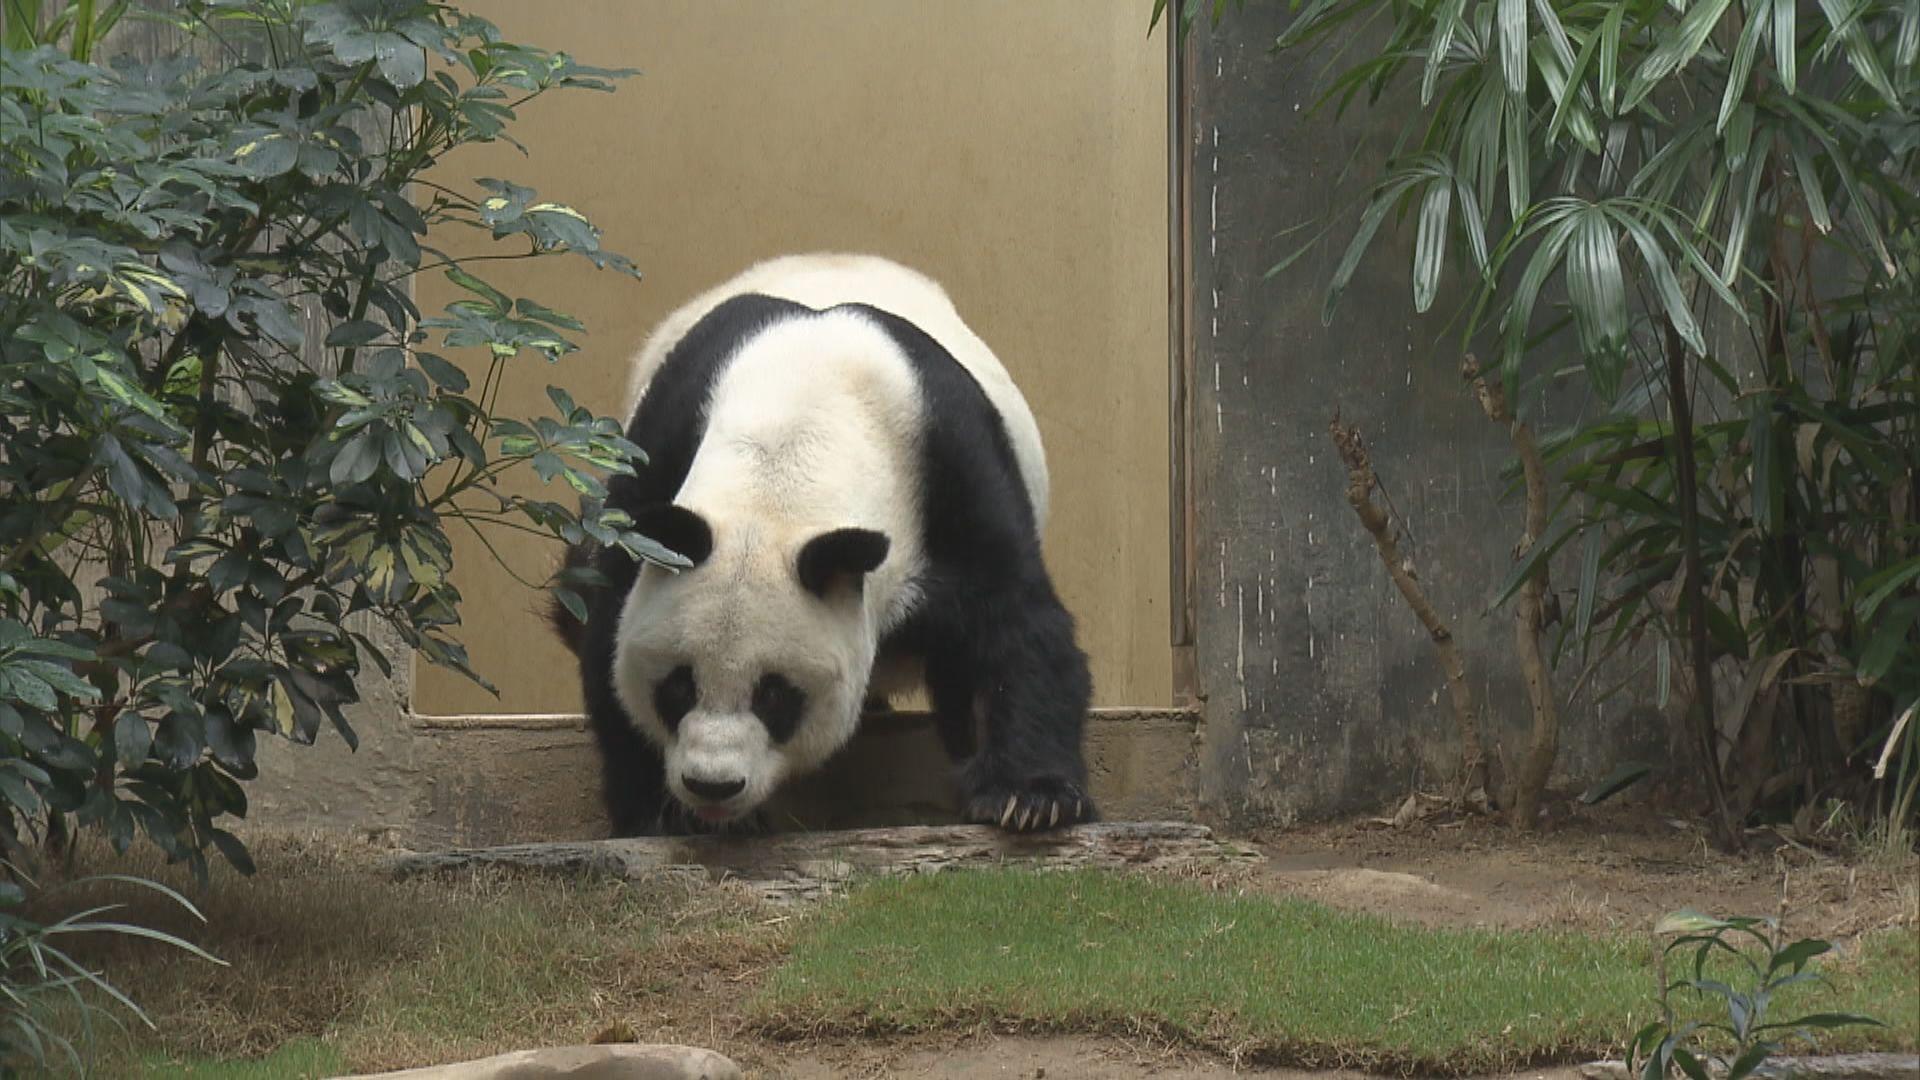 海洋公園或倒閉 護理員:動物是香港一分子不應搬遷